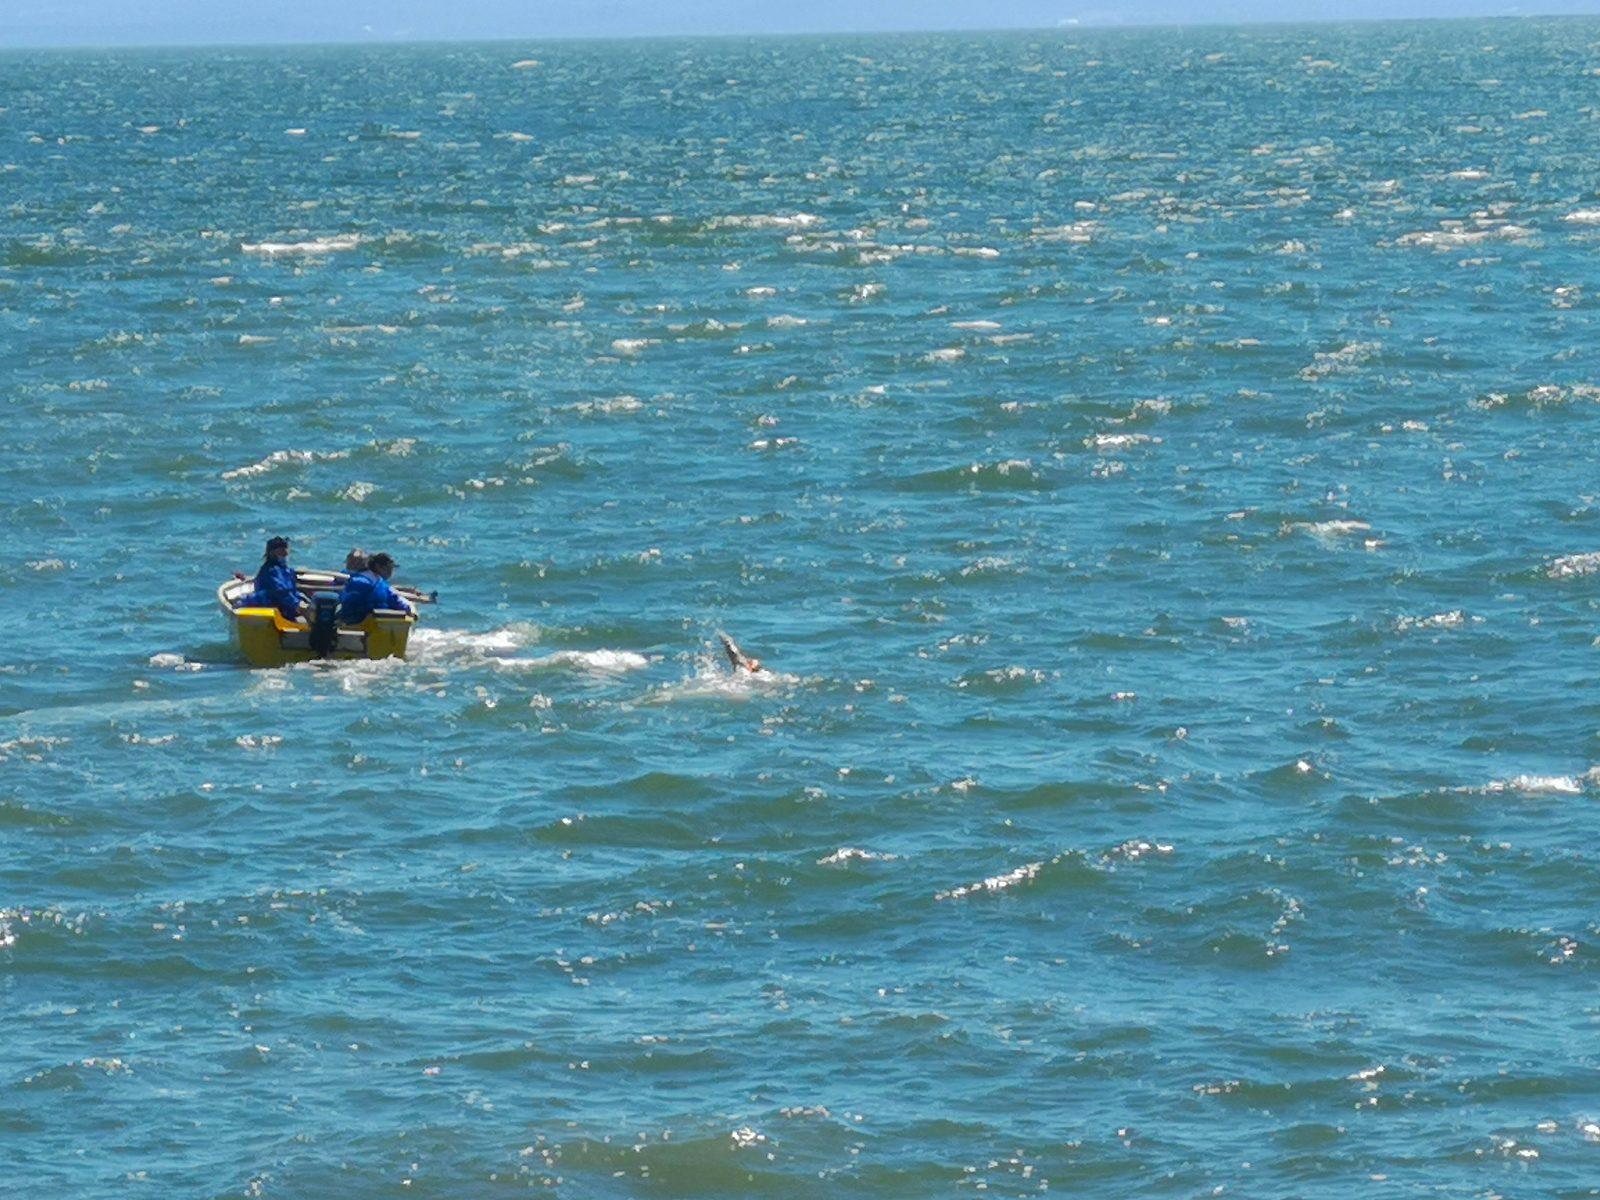 (VIDÉO) Nicolas Knap marque l'histoire et réussit sa traversée du fleuve à la nage